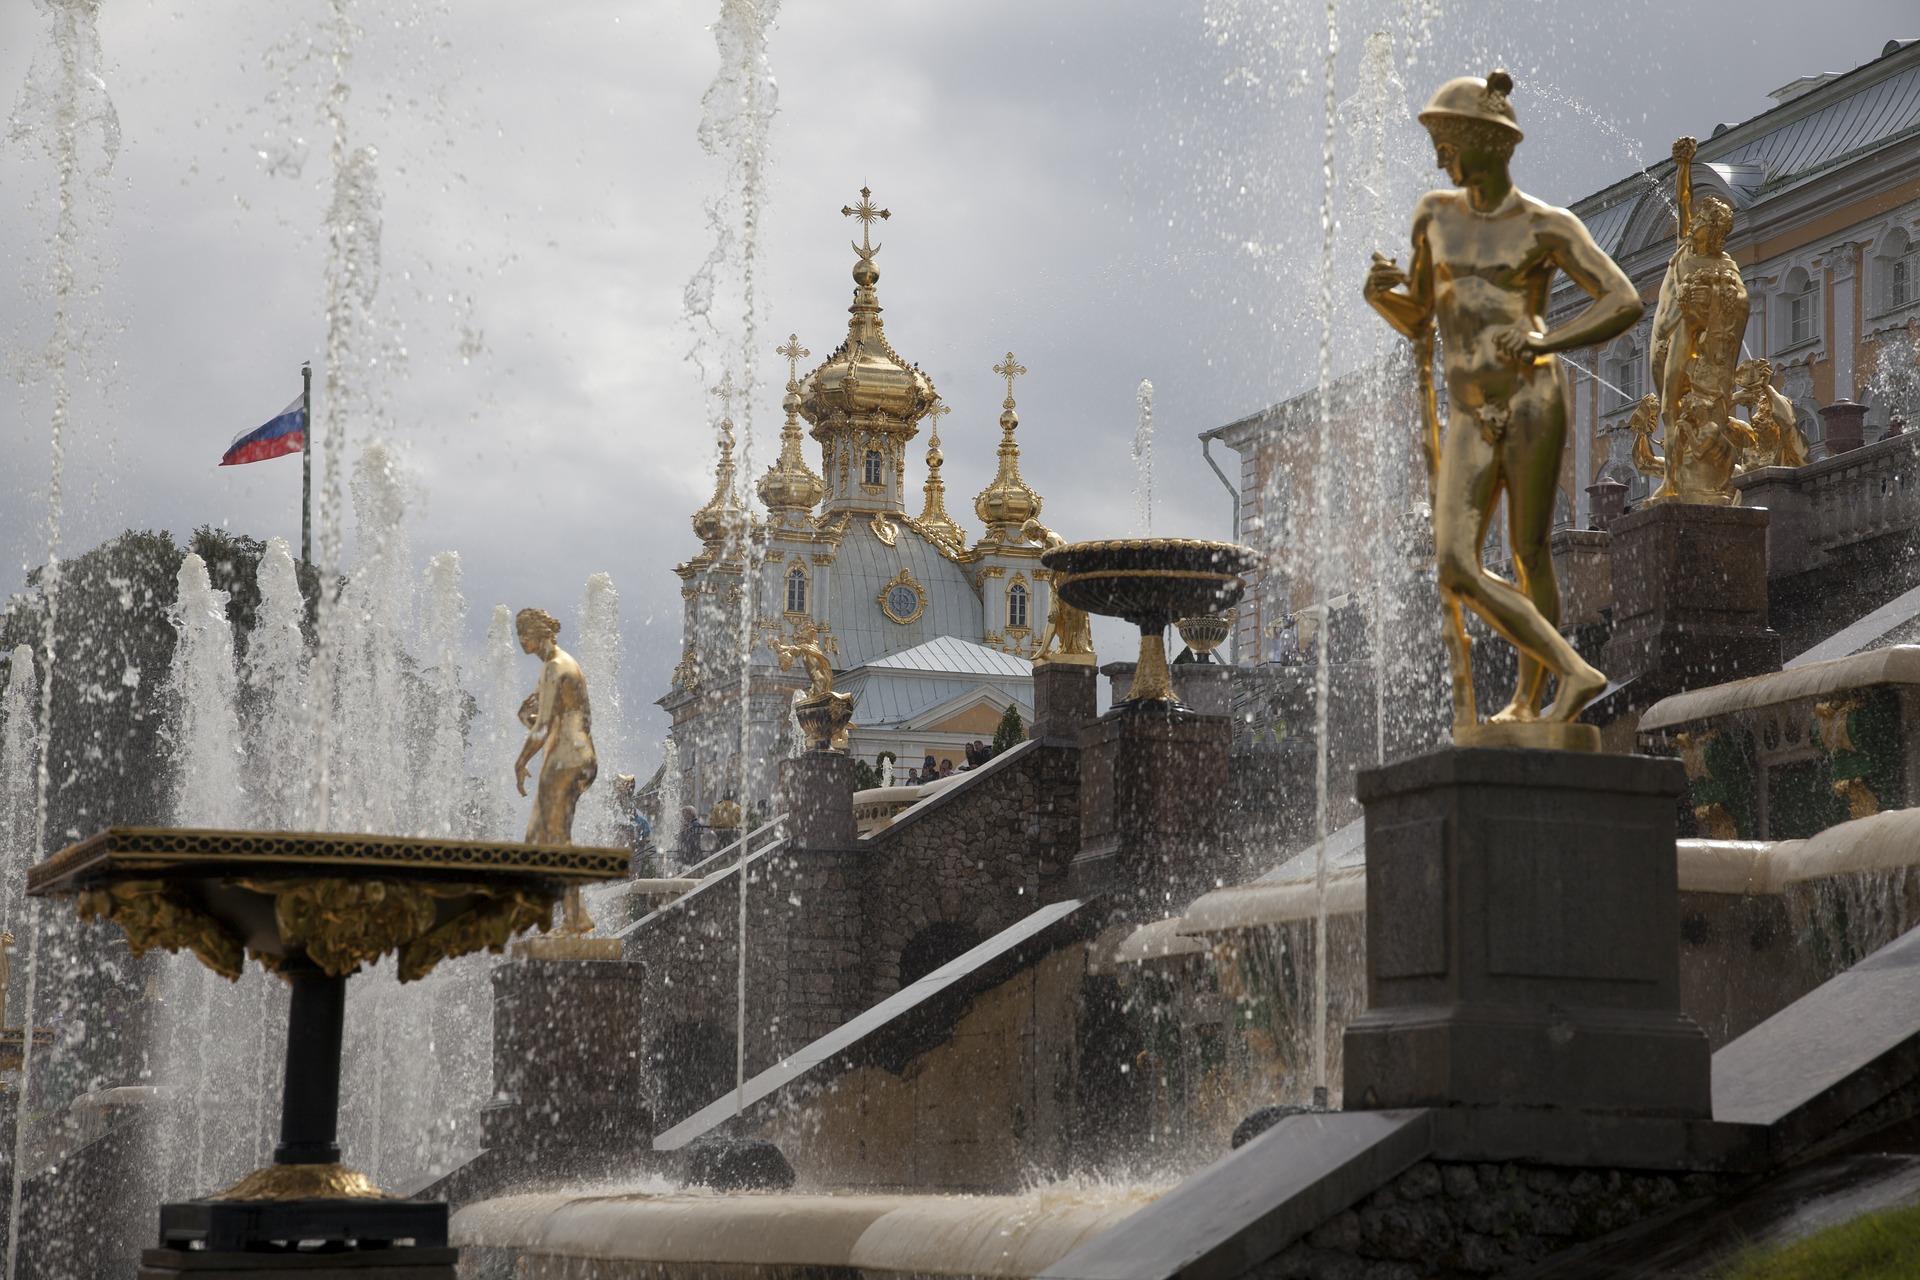 incroyablement belles fontaines de Peterhof avec une vue sur les dômes dorés